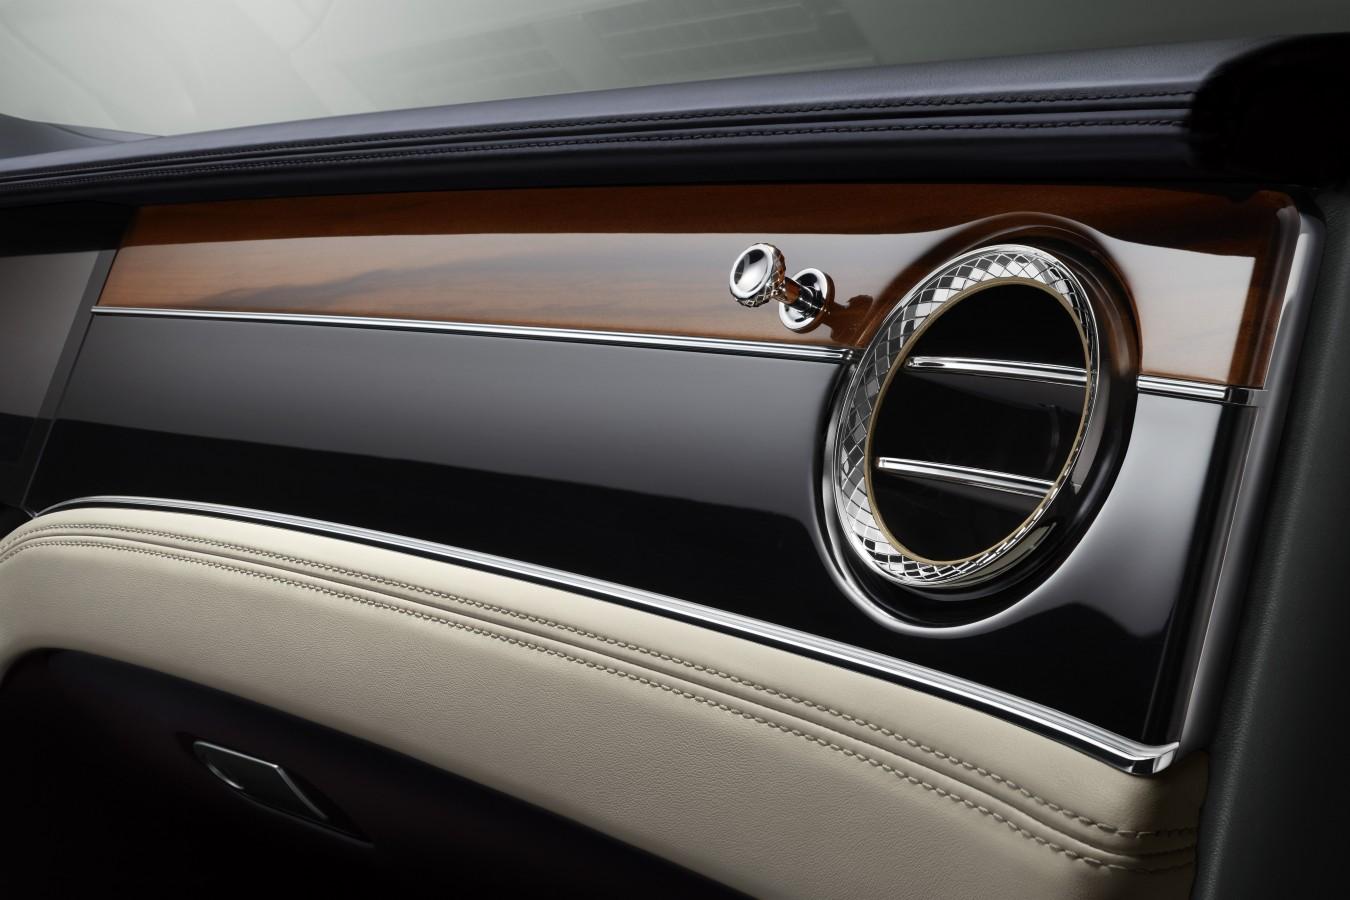 АБСОЛЮТНО НОВЫЙ BENTLEY CONTINENTAL GT В ШОУ-РУМЕ BENTLEY МОСКВА - изображение New-Continental-GT-30 на Bentleymoscow.ru!